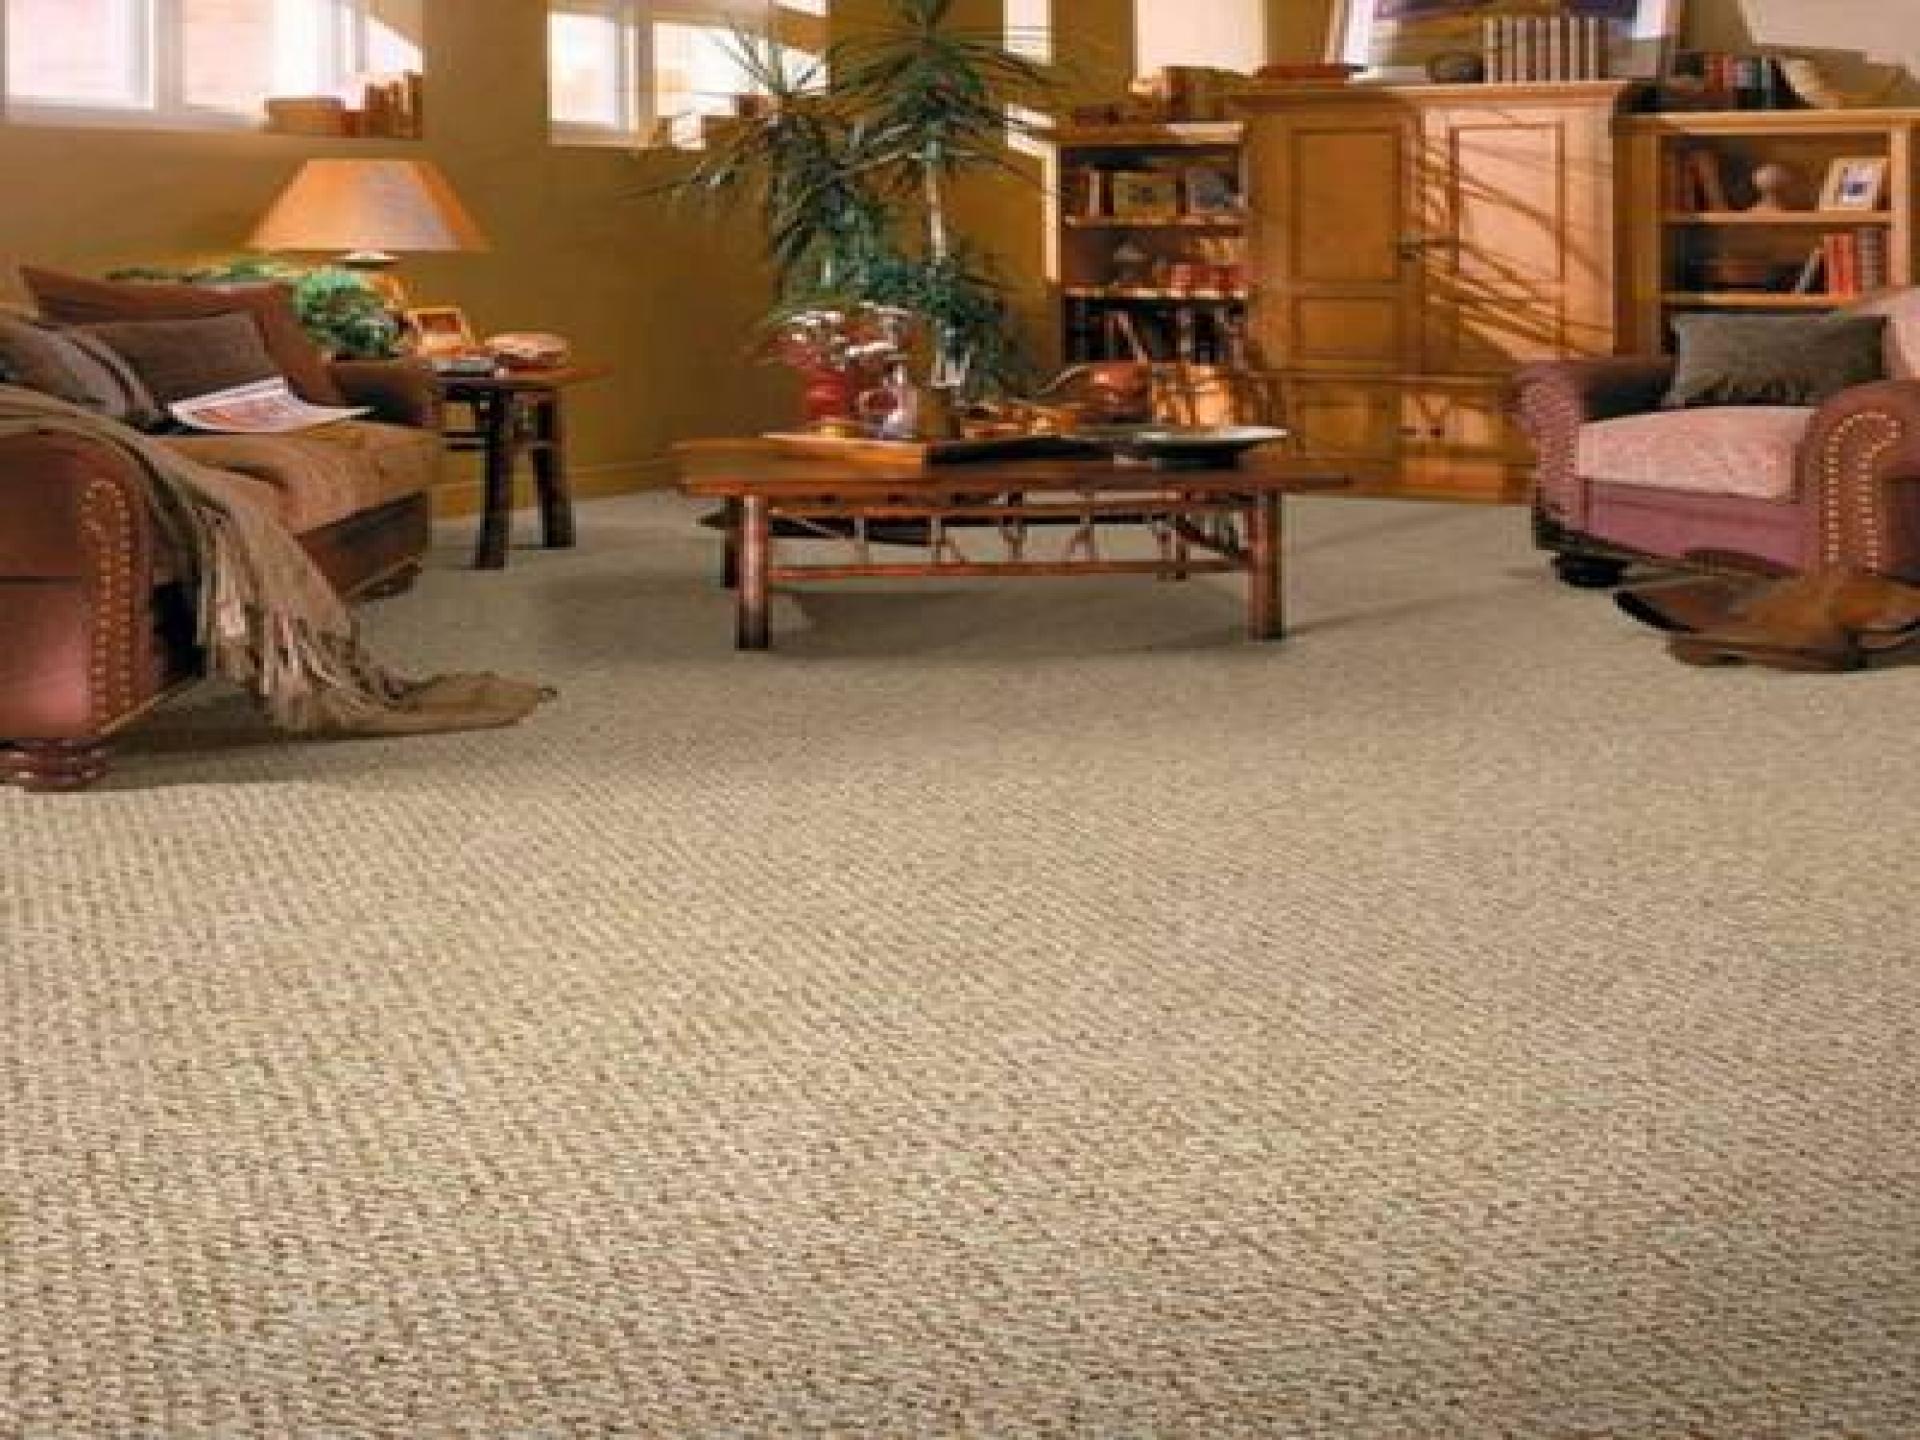 carpet for home living room carpet choice for your home - furnitureanddecors.com/decor CSXCZUW